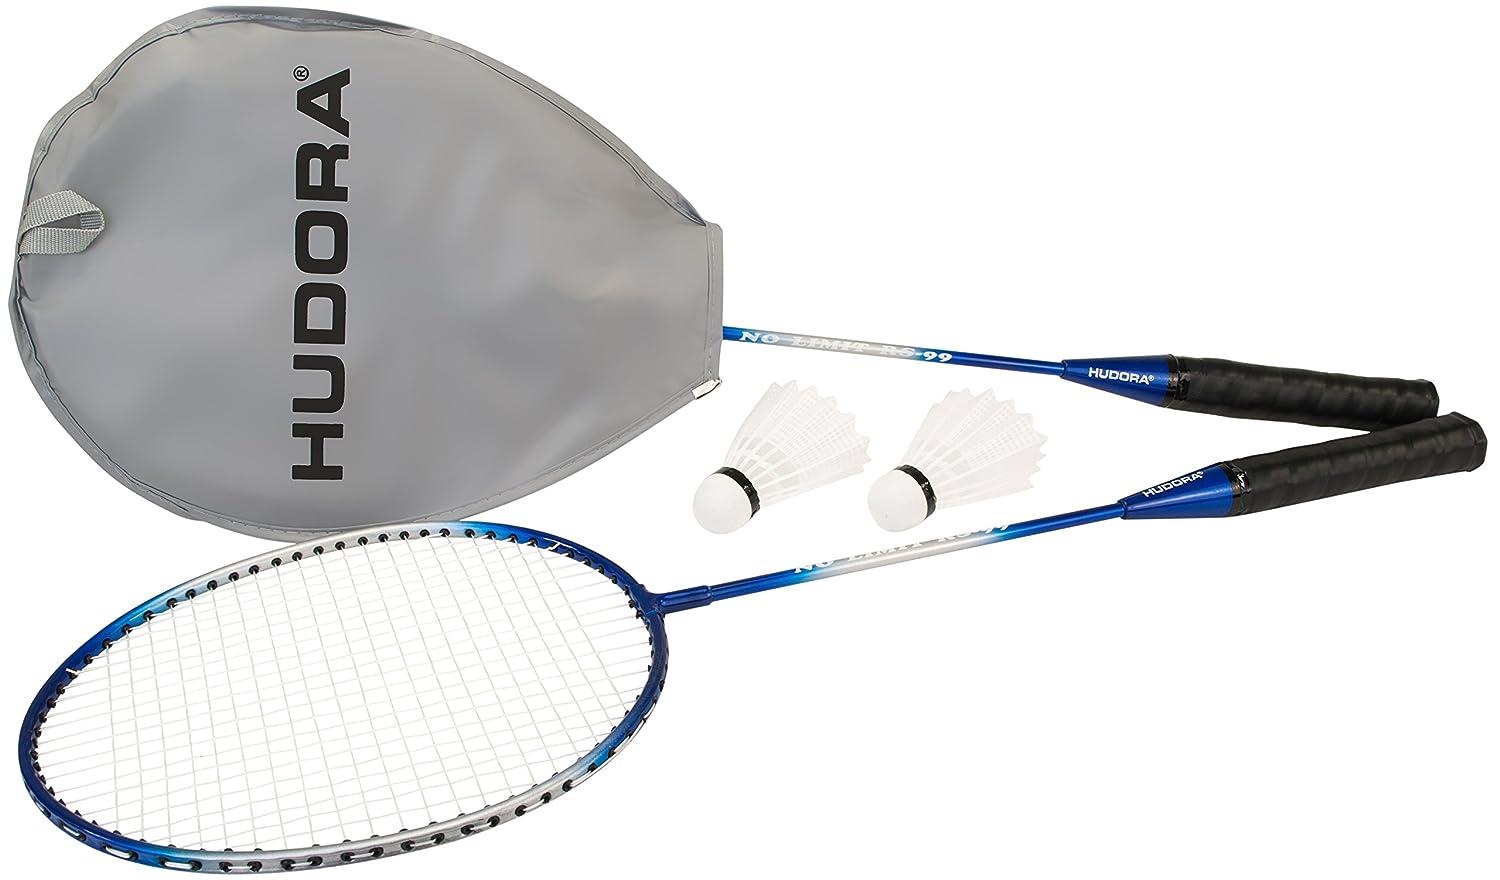 HUDORA Badmintonset No Limit RS-99, 2 Stahlschläger, 2 Federbälle 2 Stahlschläger 2 Federbälle 76411/01